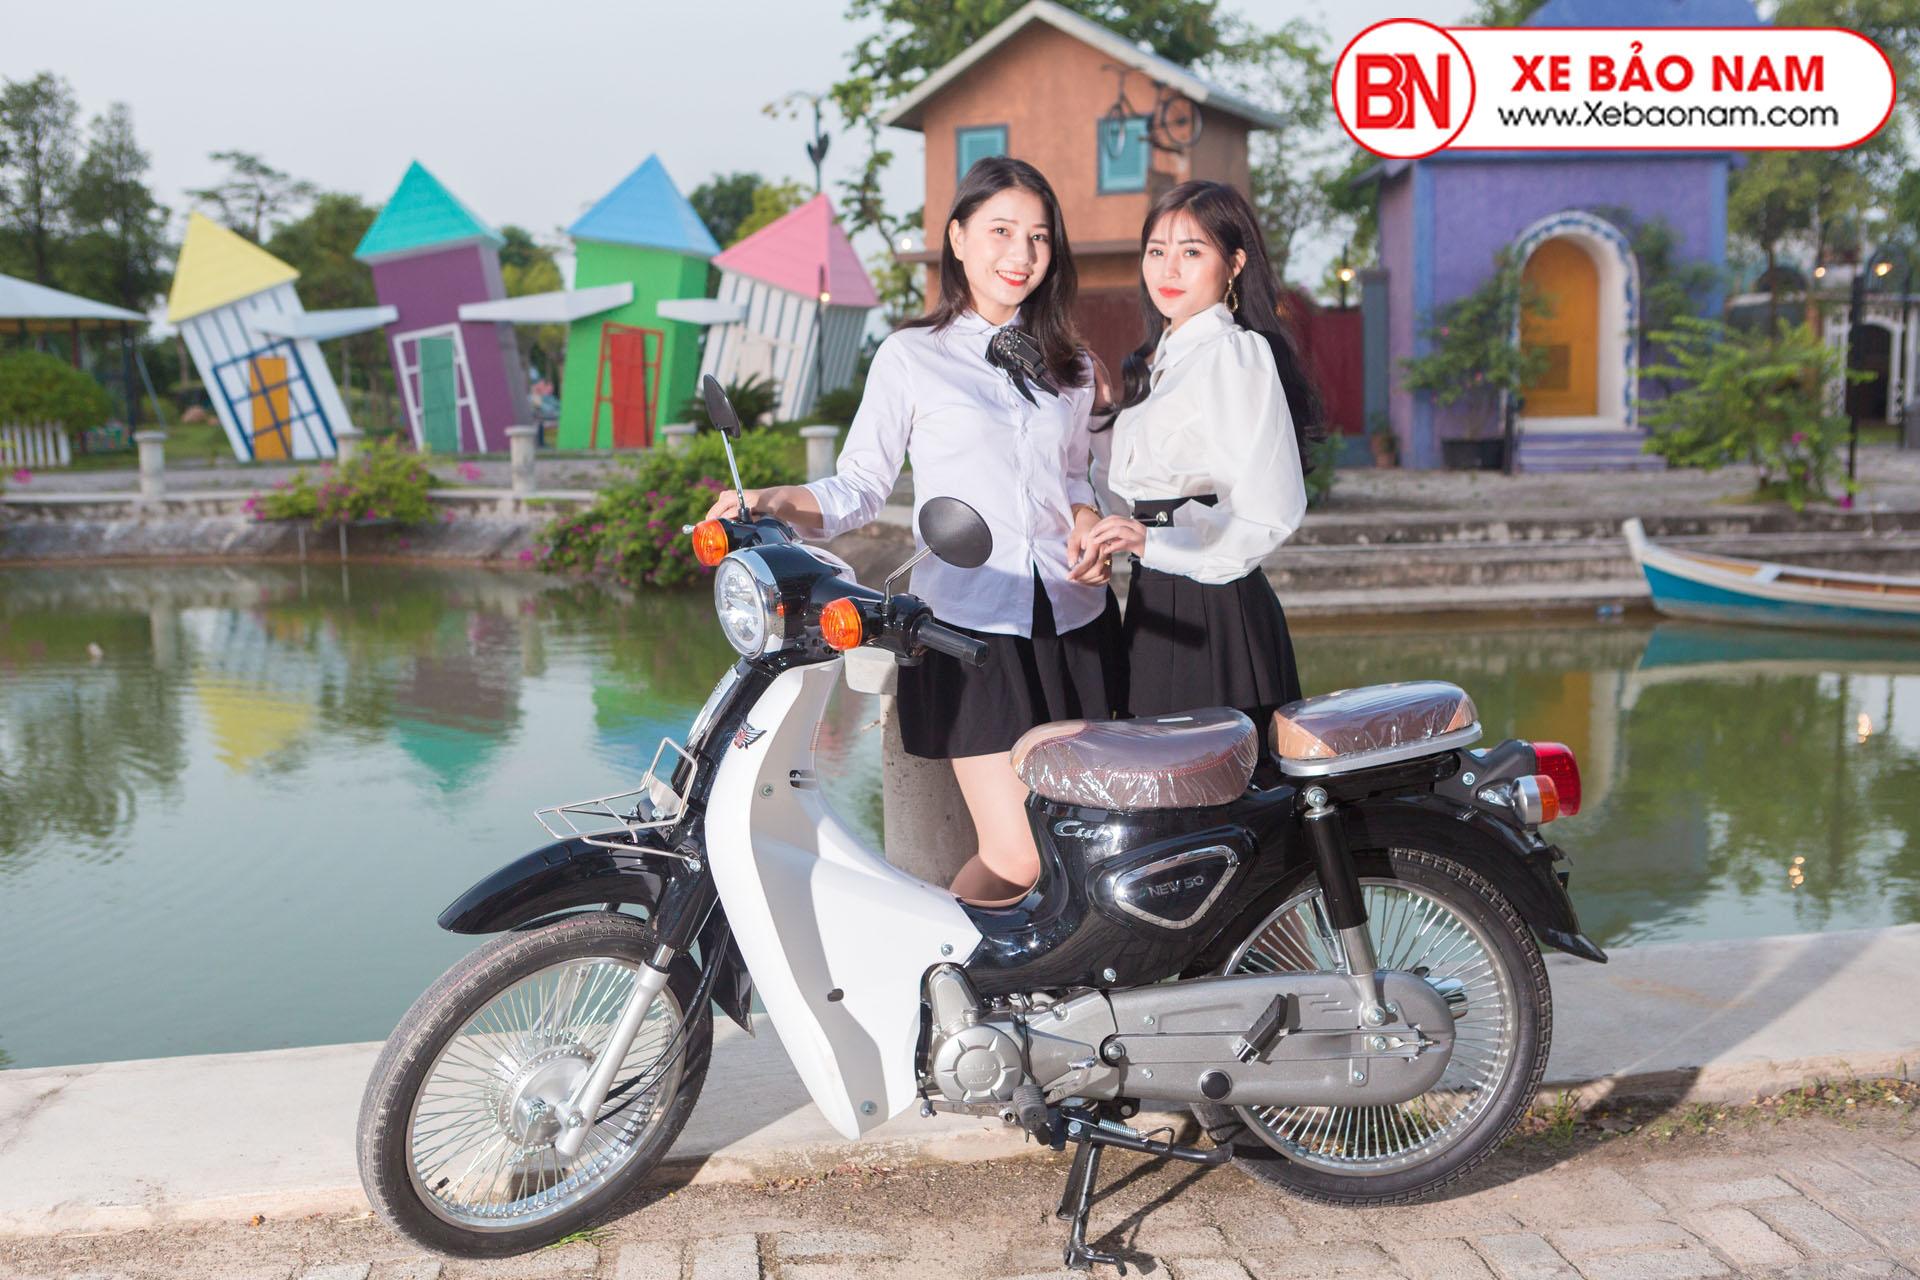 xe máy 50cc Cub New Ally 50 Kerea